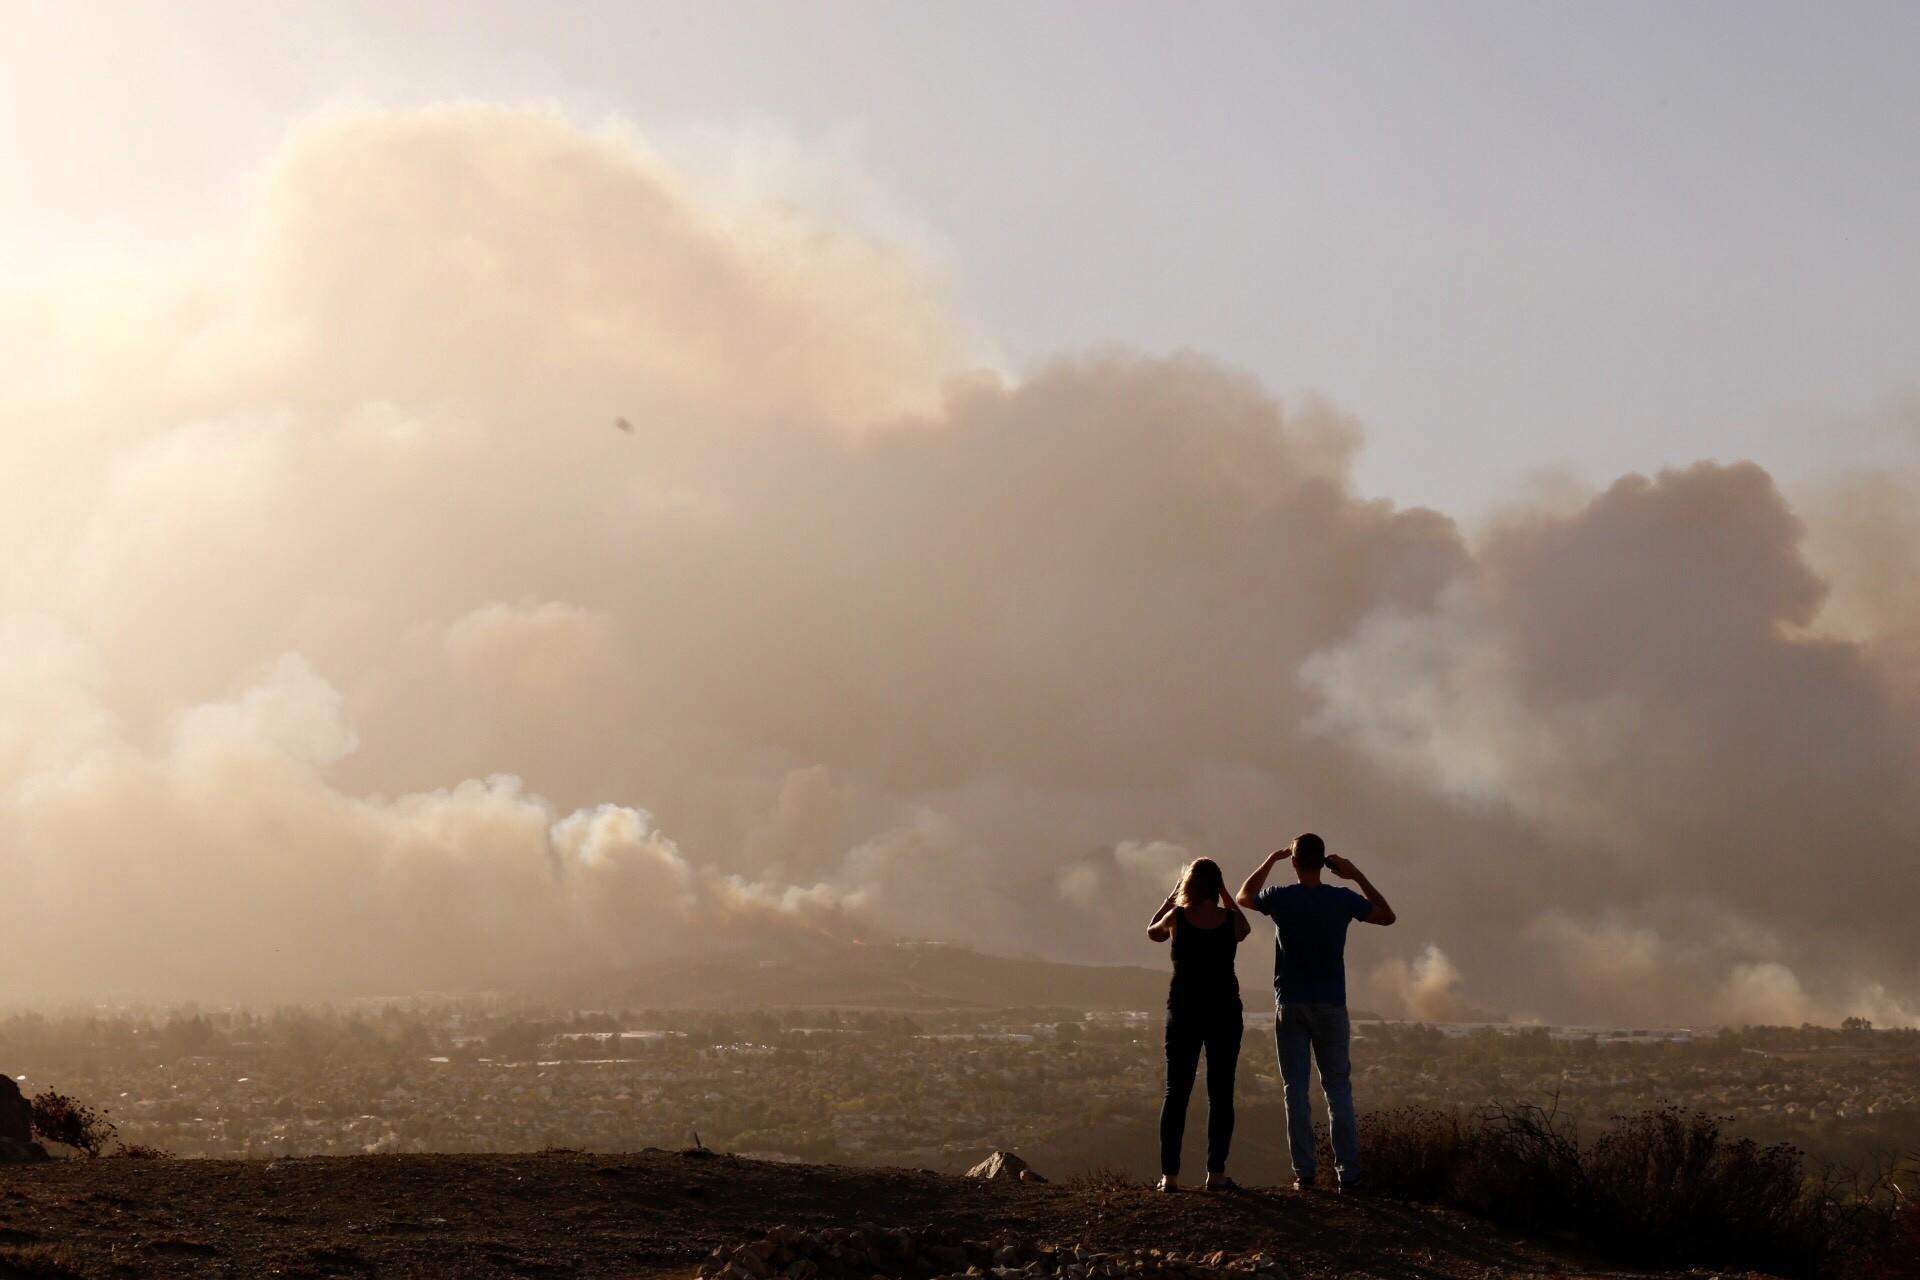 Hill fire seen from Thousand Oaks